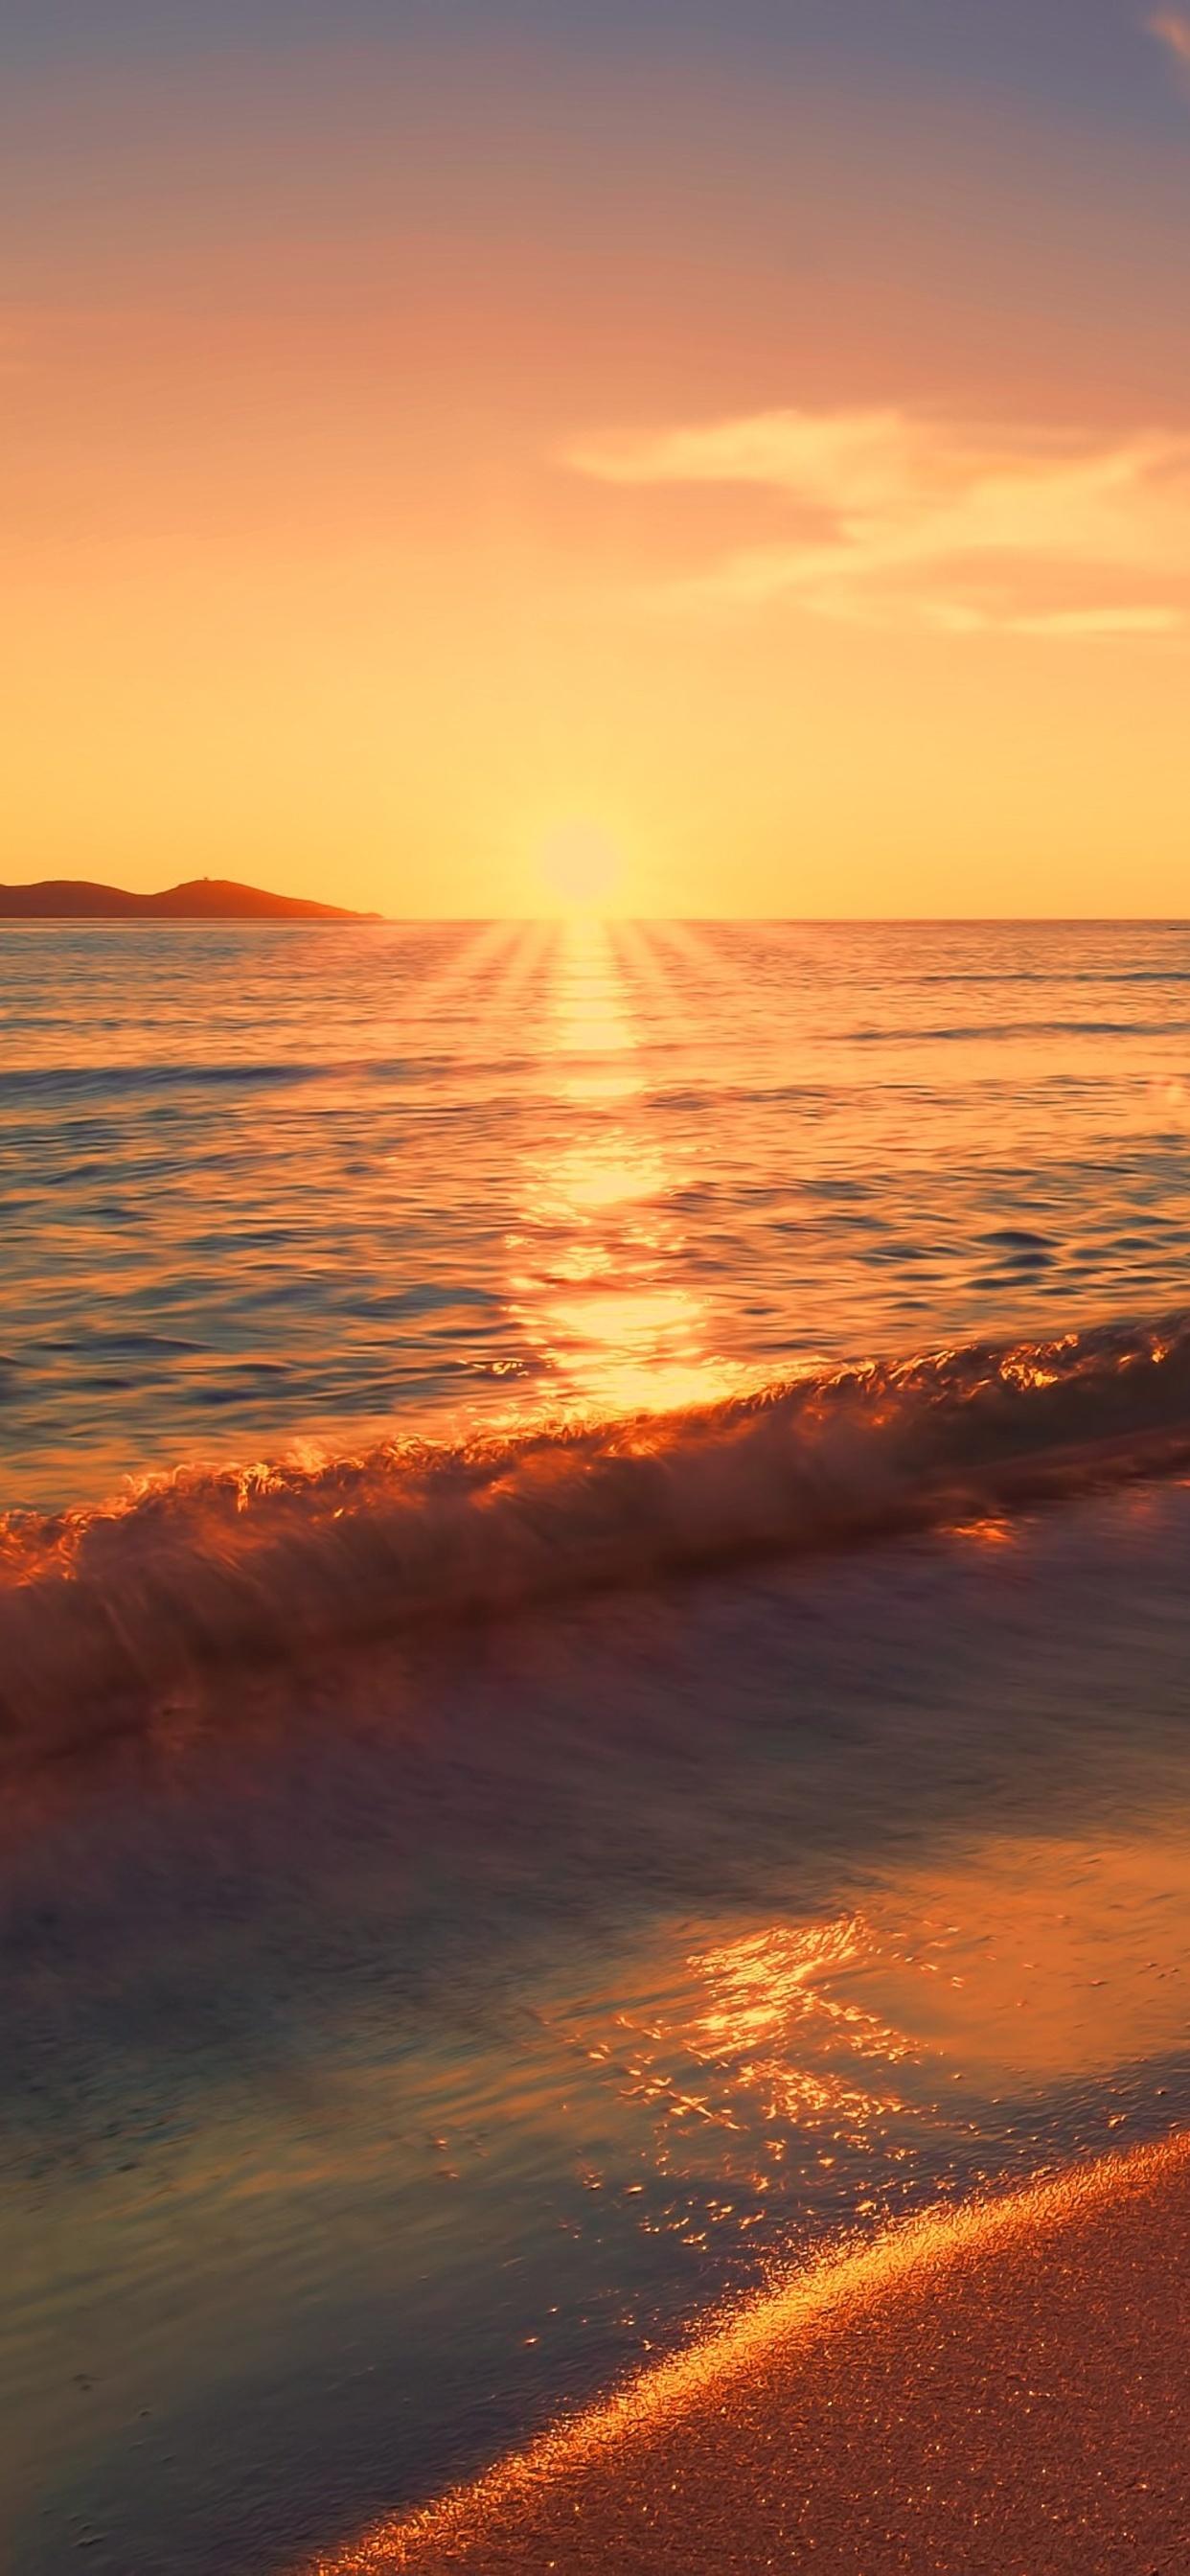 1242x2688 Sea Sunset Beach Sunlight Long Exposure 4k Iphone